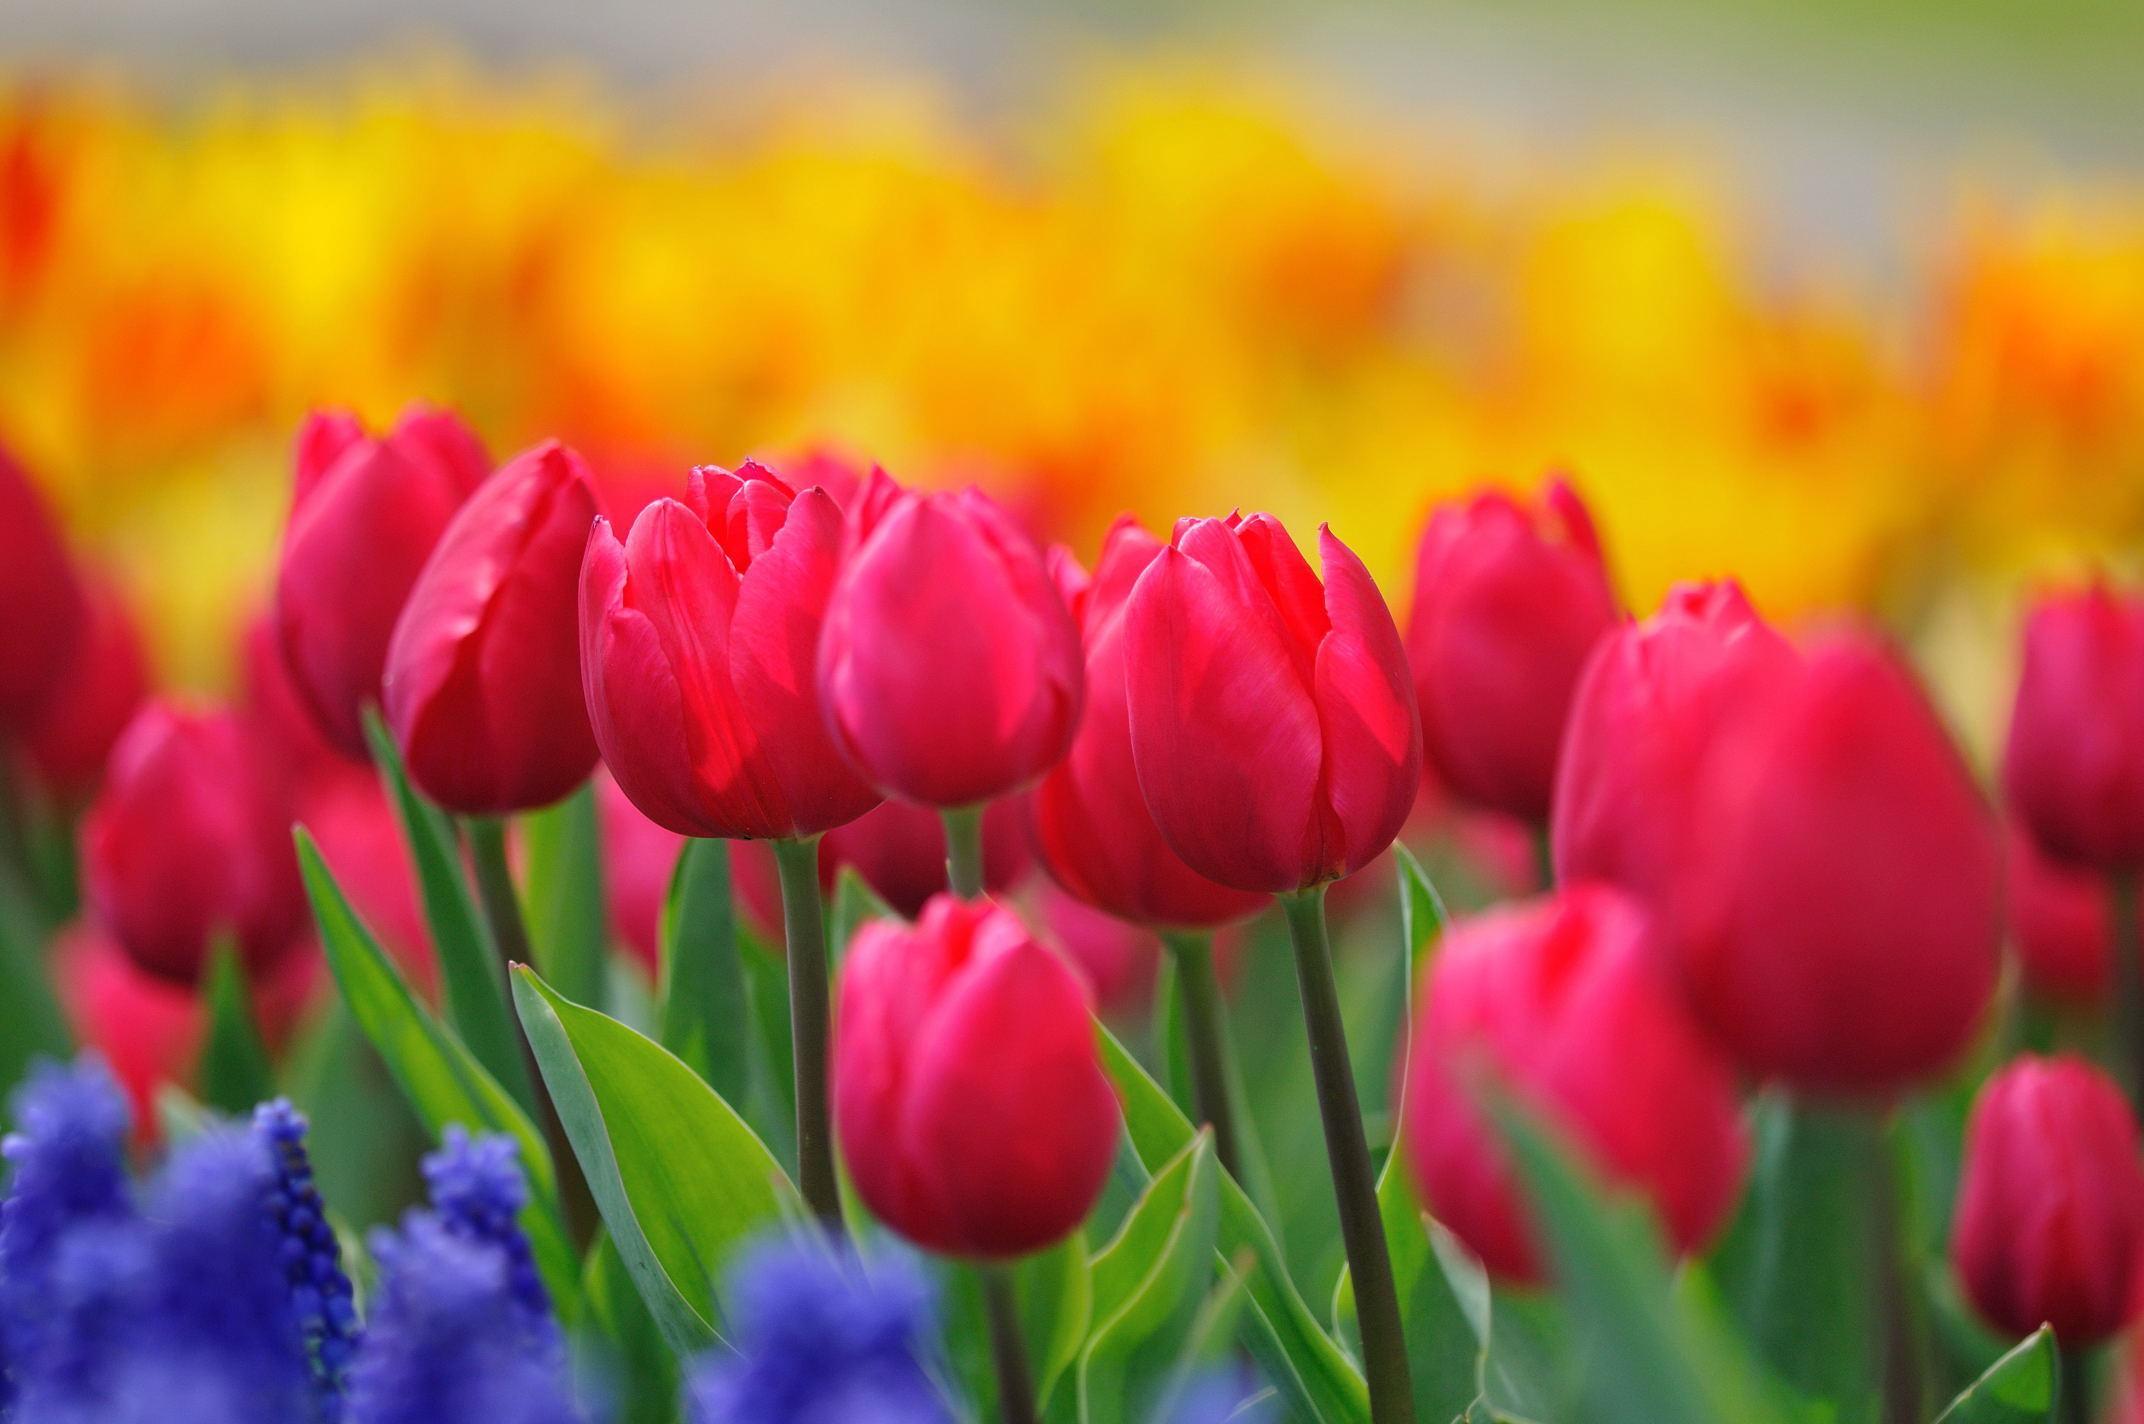 тюльпаны краски бесплатно